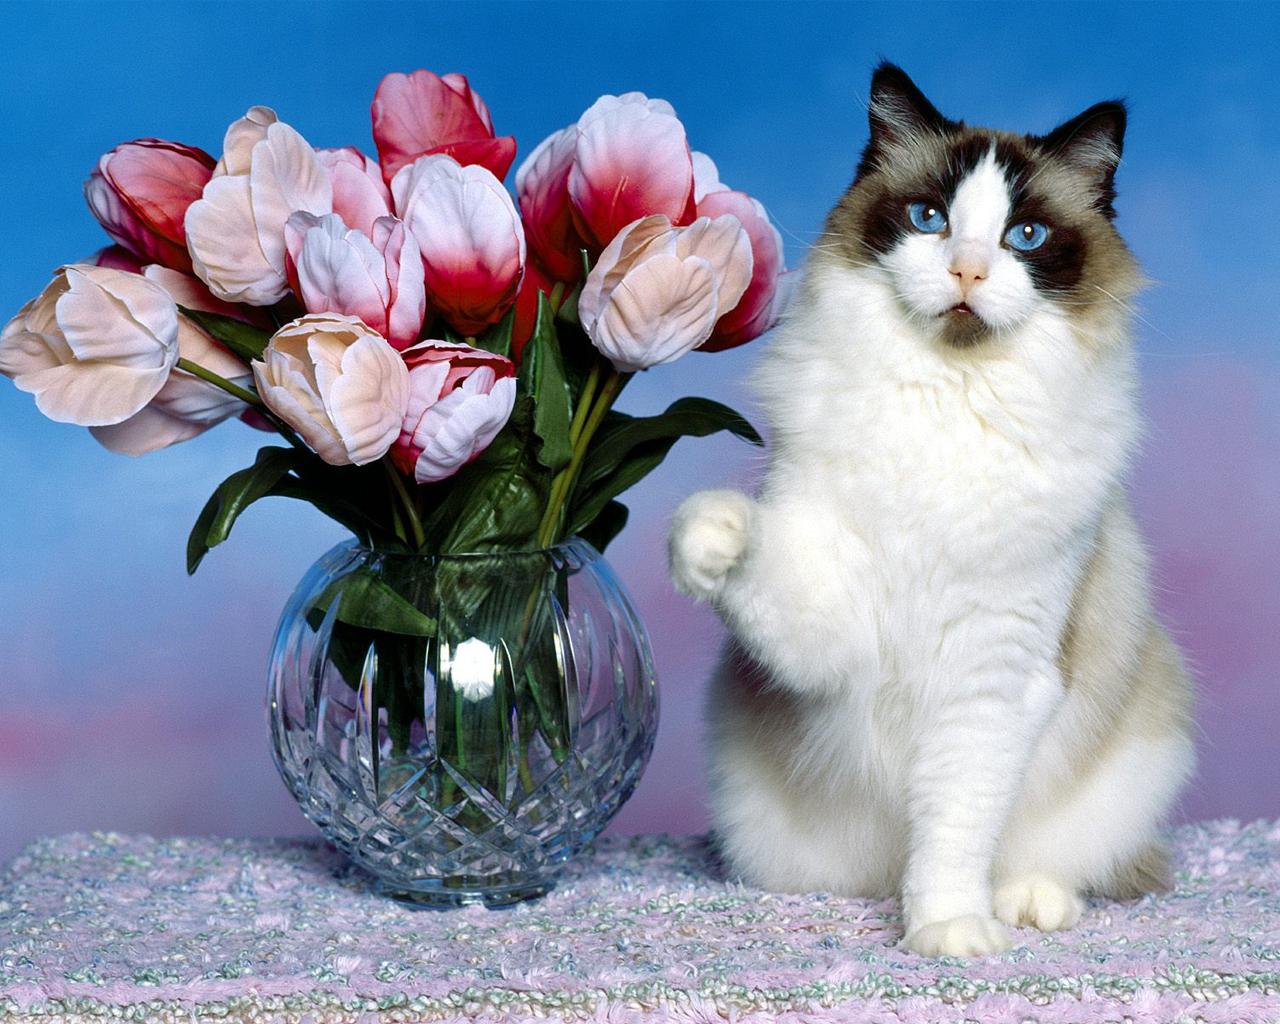 Кошки, куплю, продам, коты